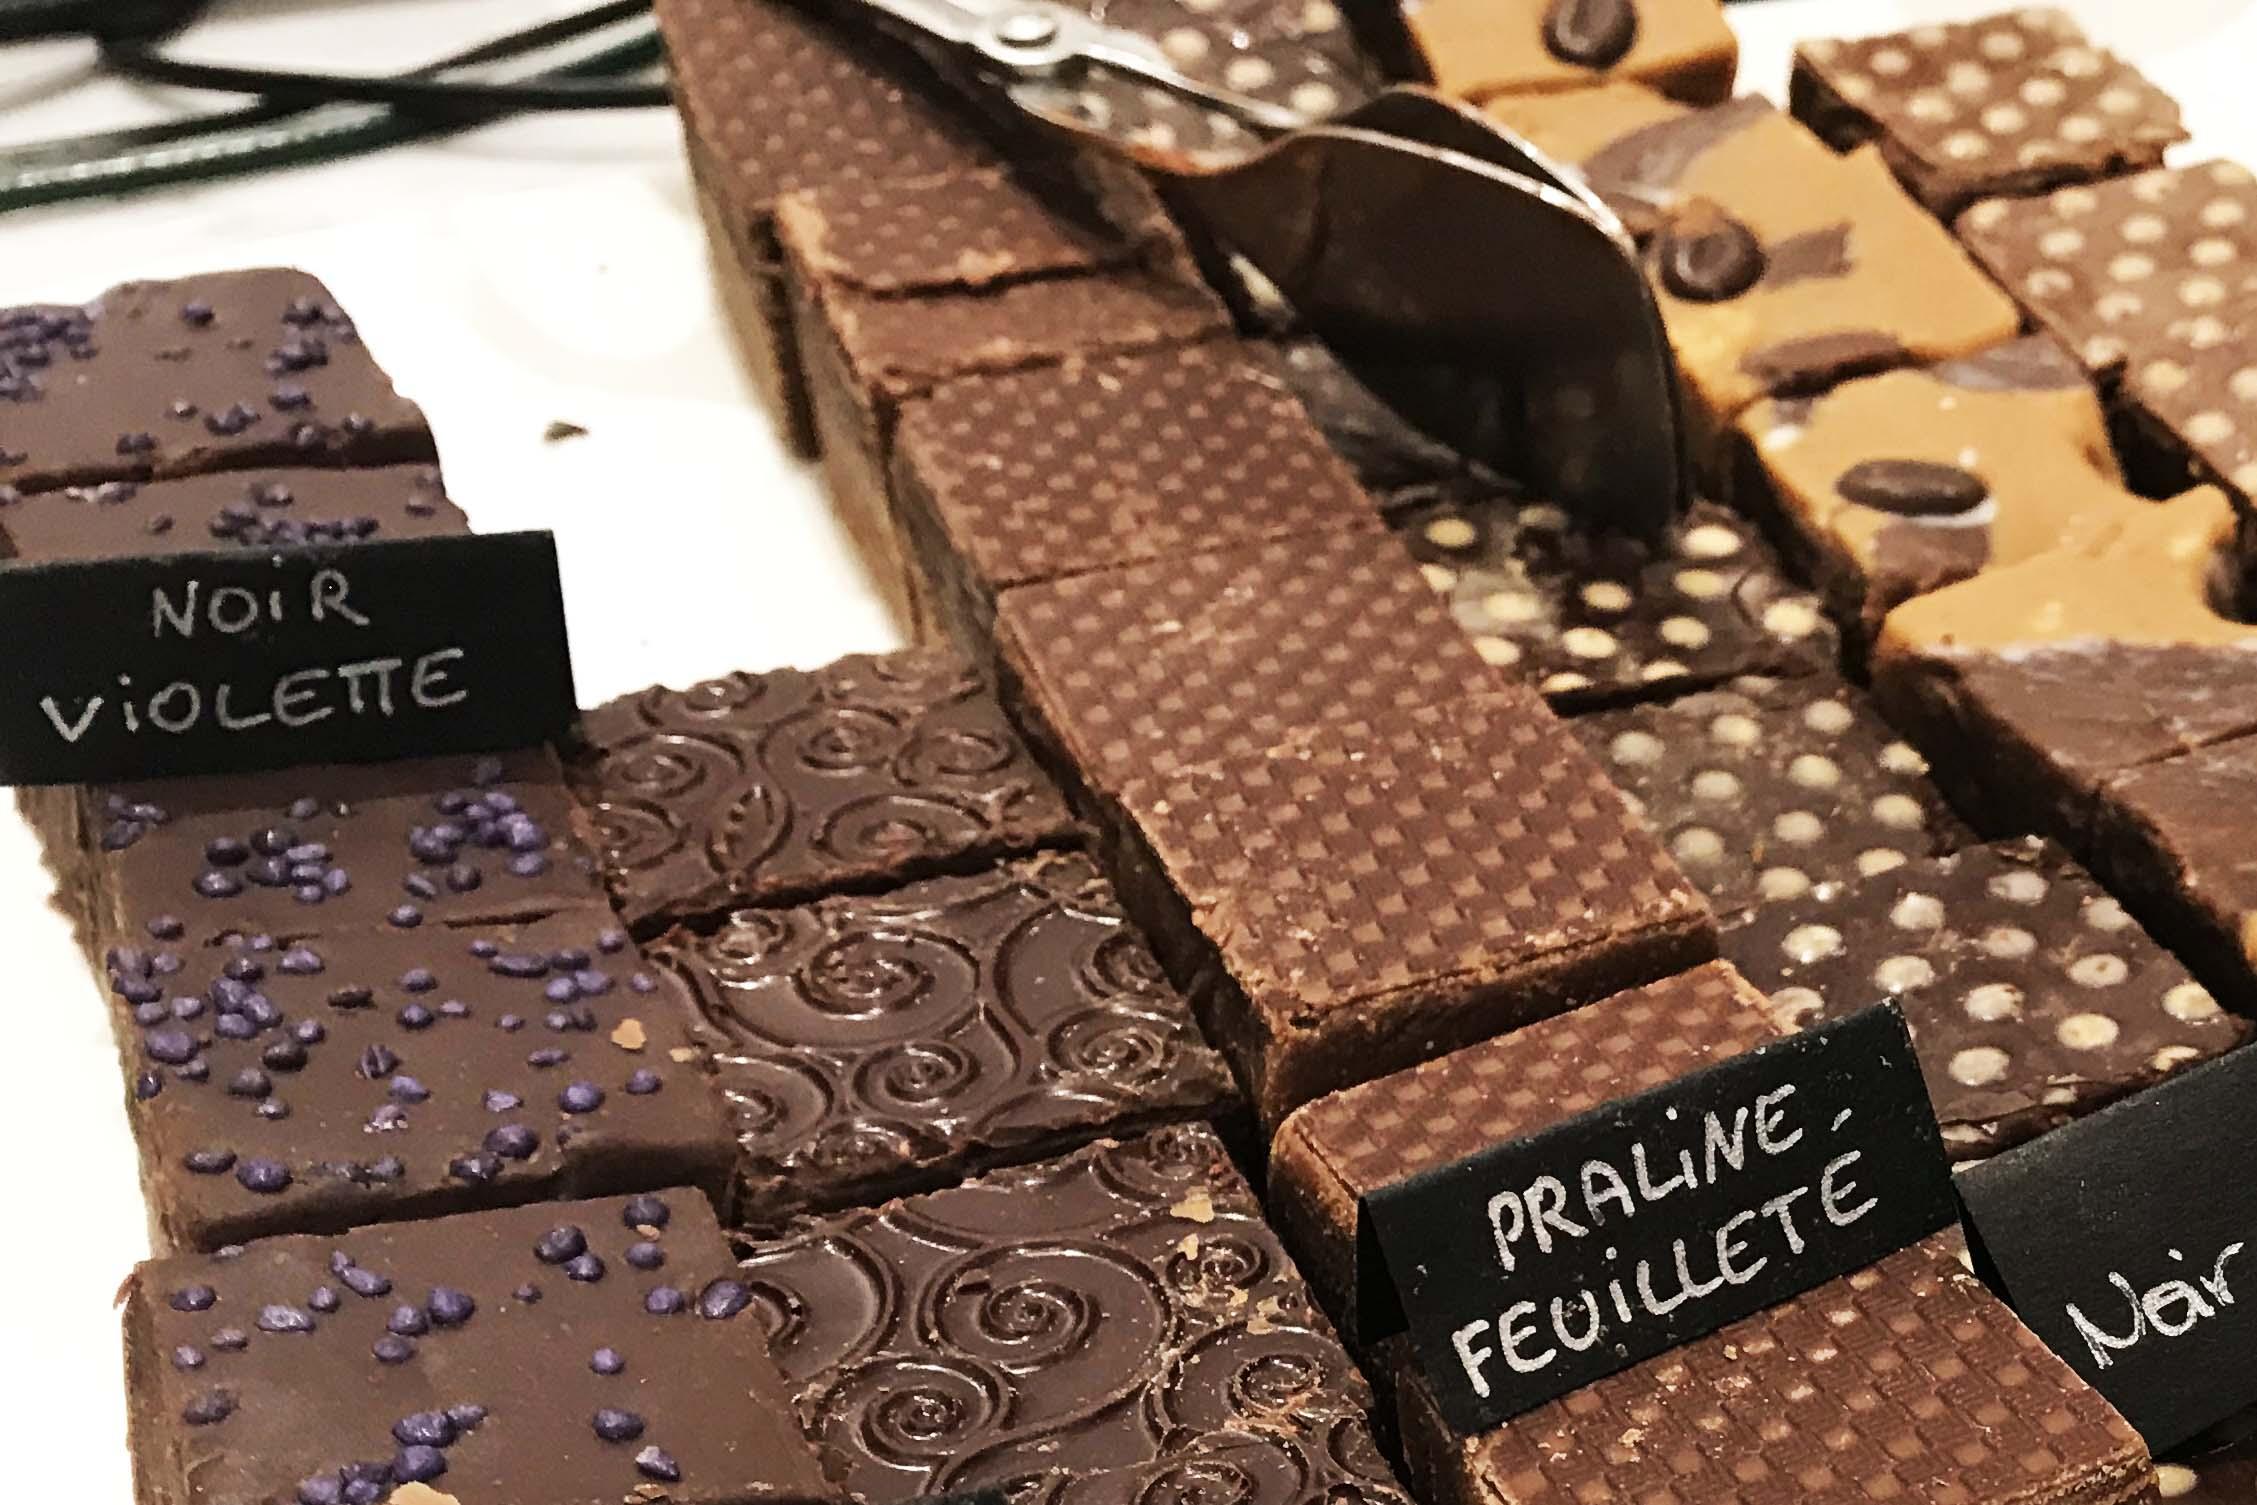 50 cose meravigliose Toulouse fudge violette